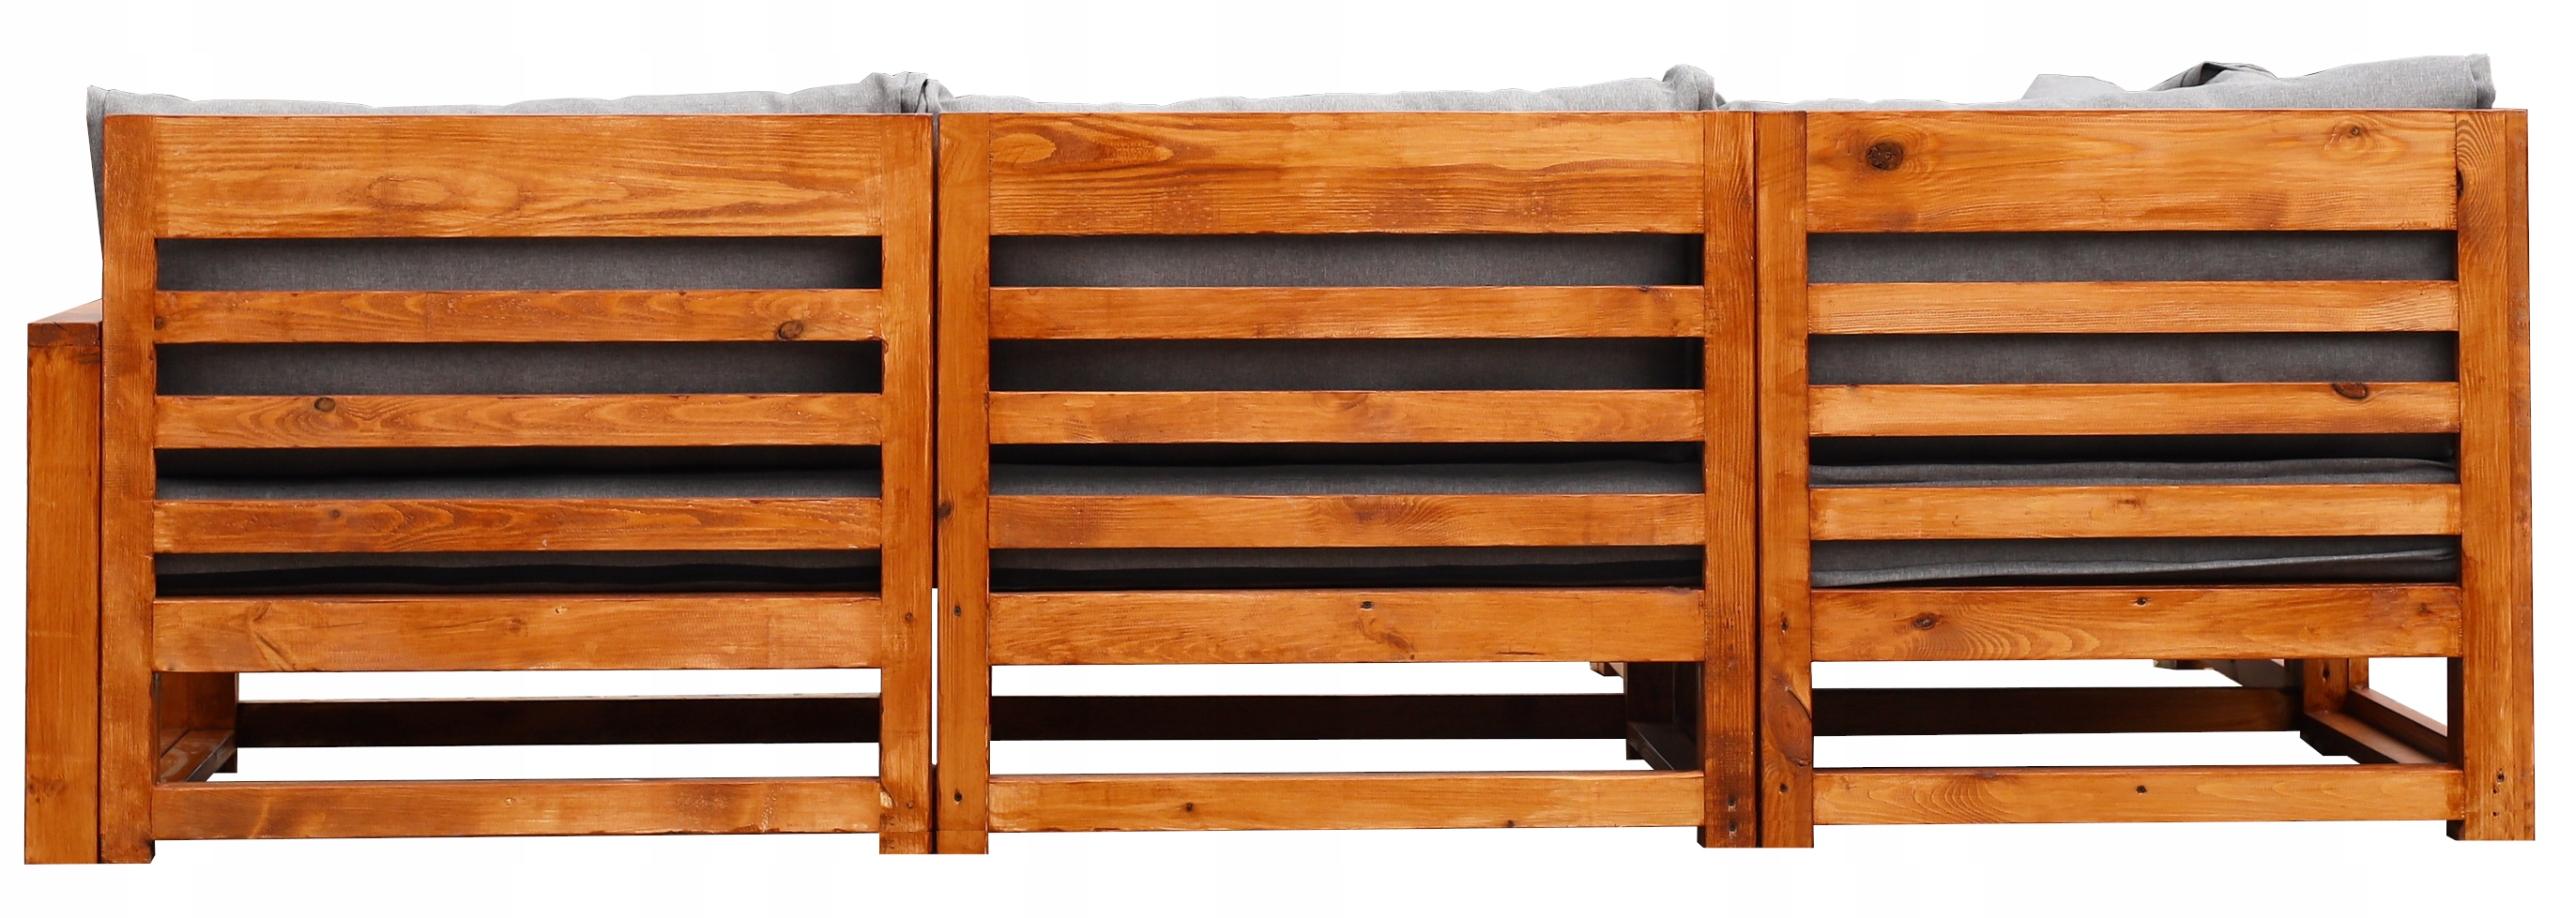 Sada dreveného záhradného nábytku pre 4 SEDADLÁ + 2 LAVICE. Obsah sady: nízky rohový stolík, konferenčný stolík